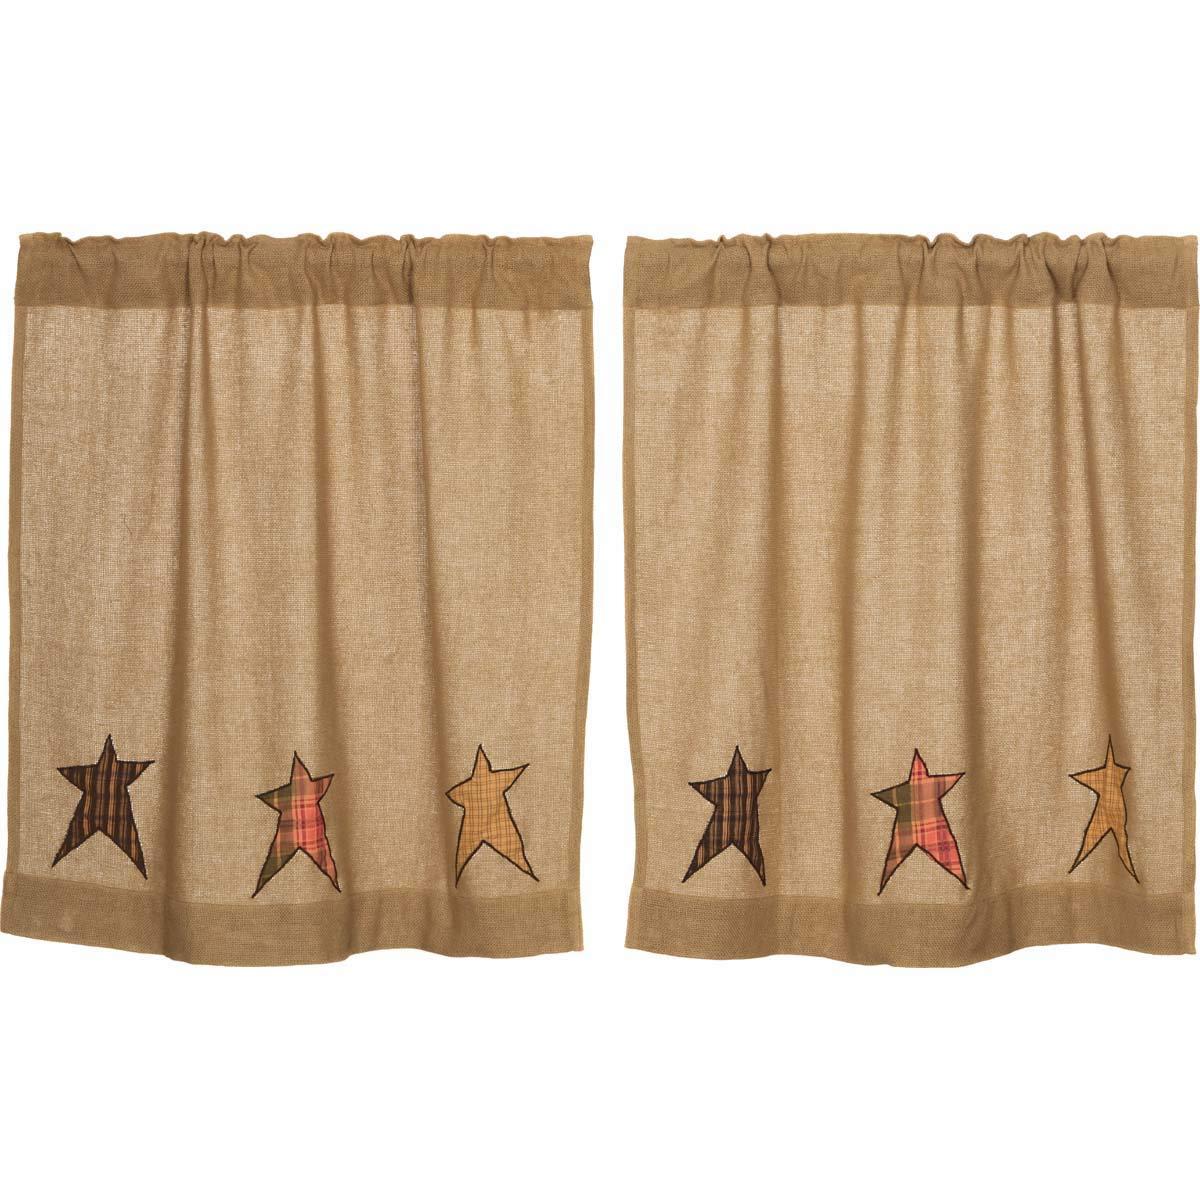 Primitive Kitchen Curtains Regarding Most Popular Vhc Brands Primitive Kitchen Curtains Sutton Rod Pocket Appliqued Cotton Burlap Star 36x36 Tier Pair, Natural Tan (View 17 of 20)